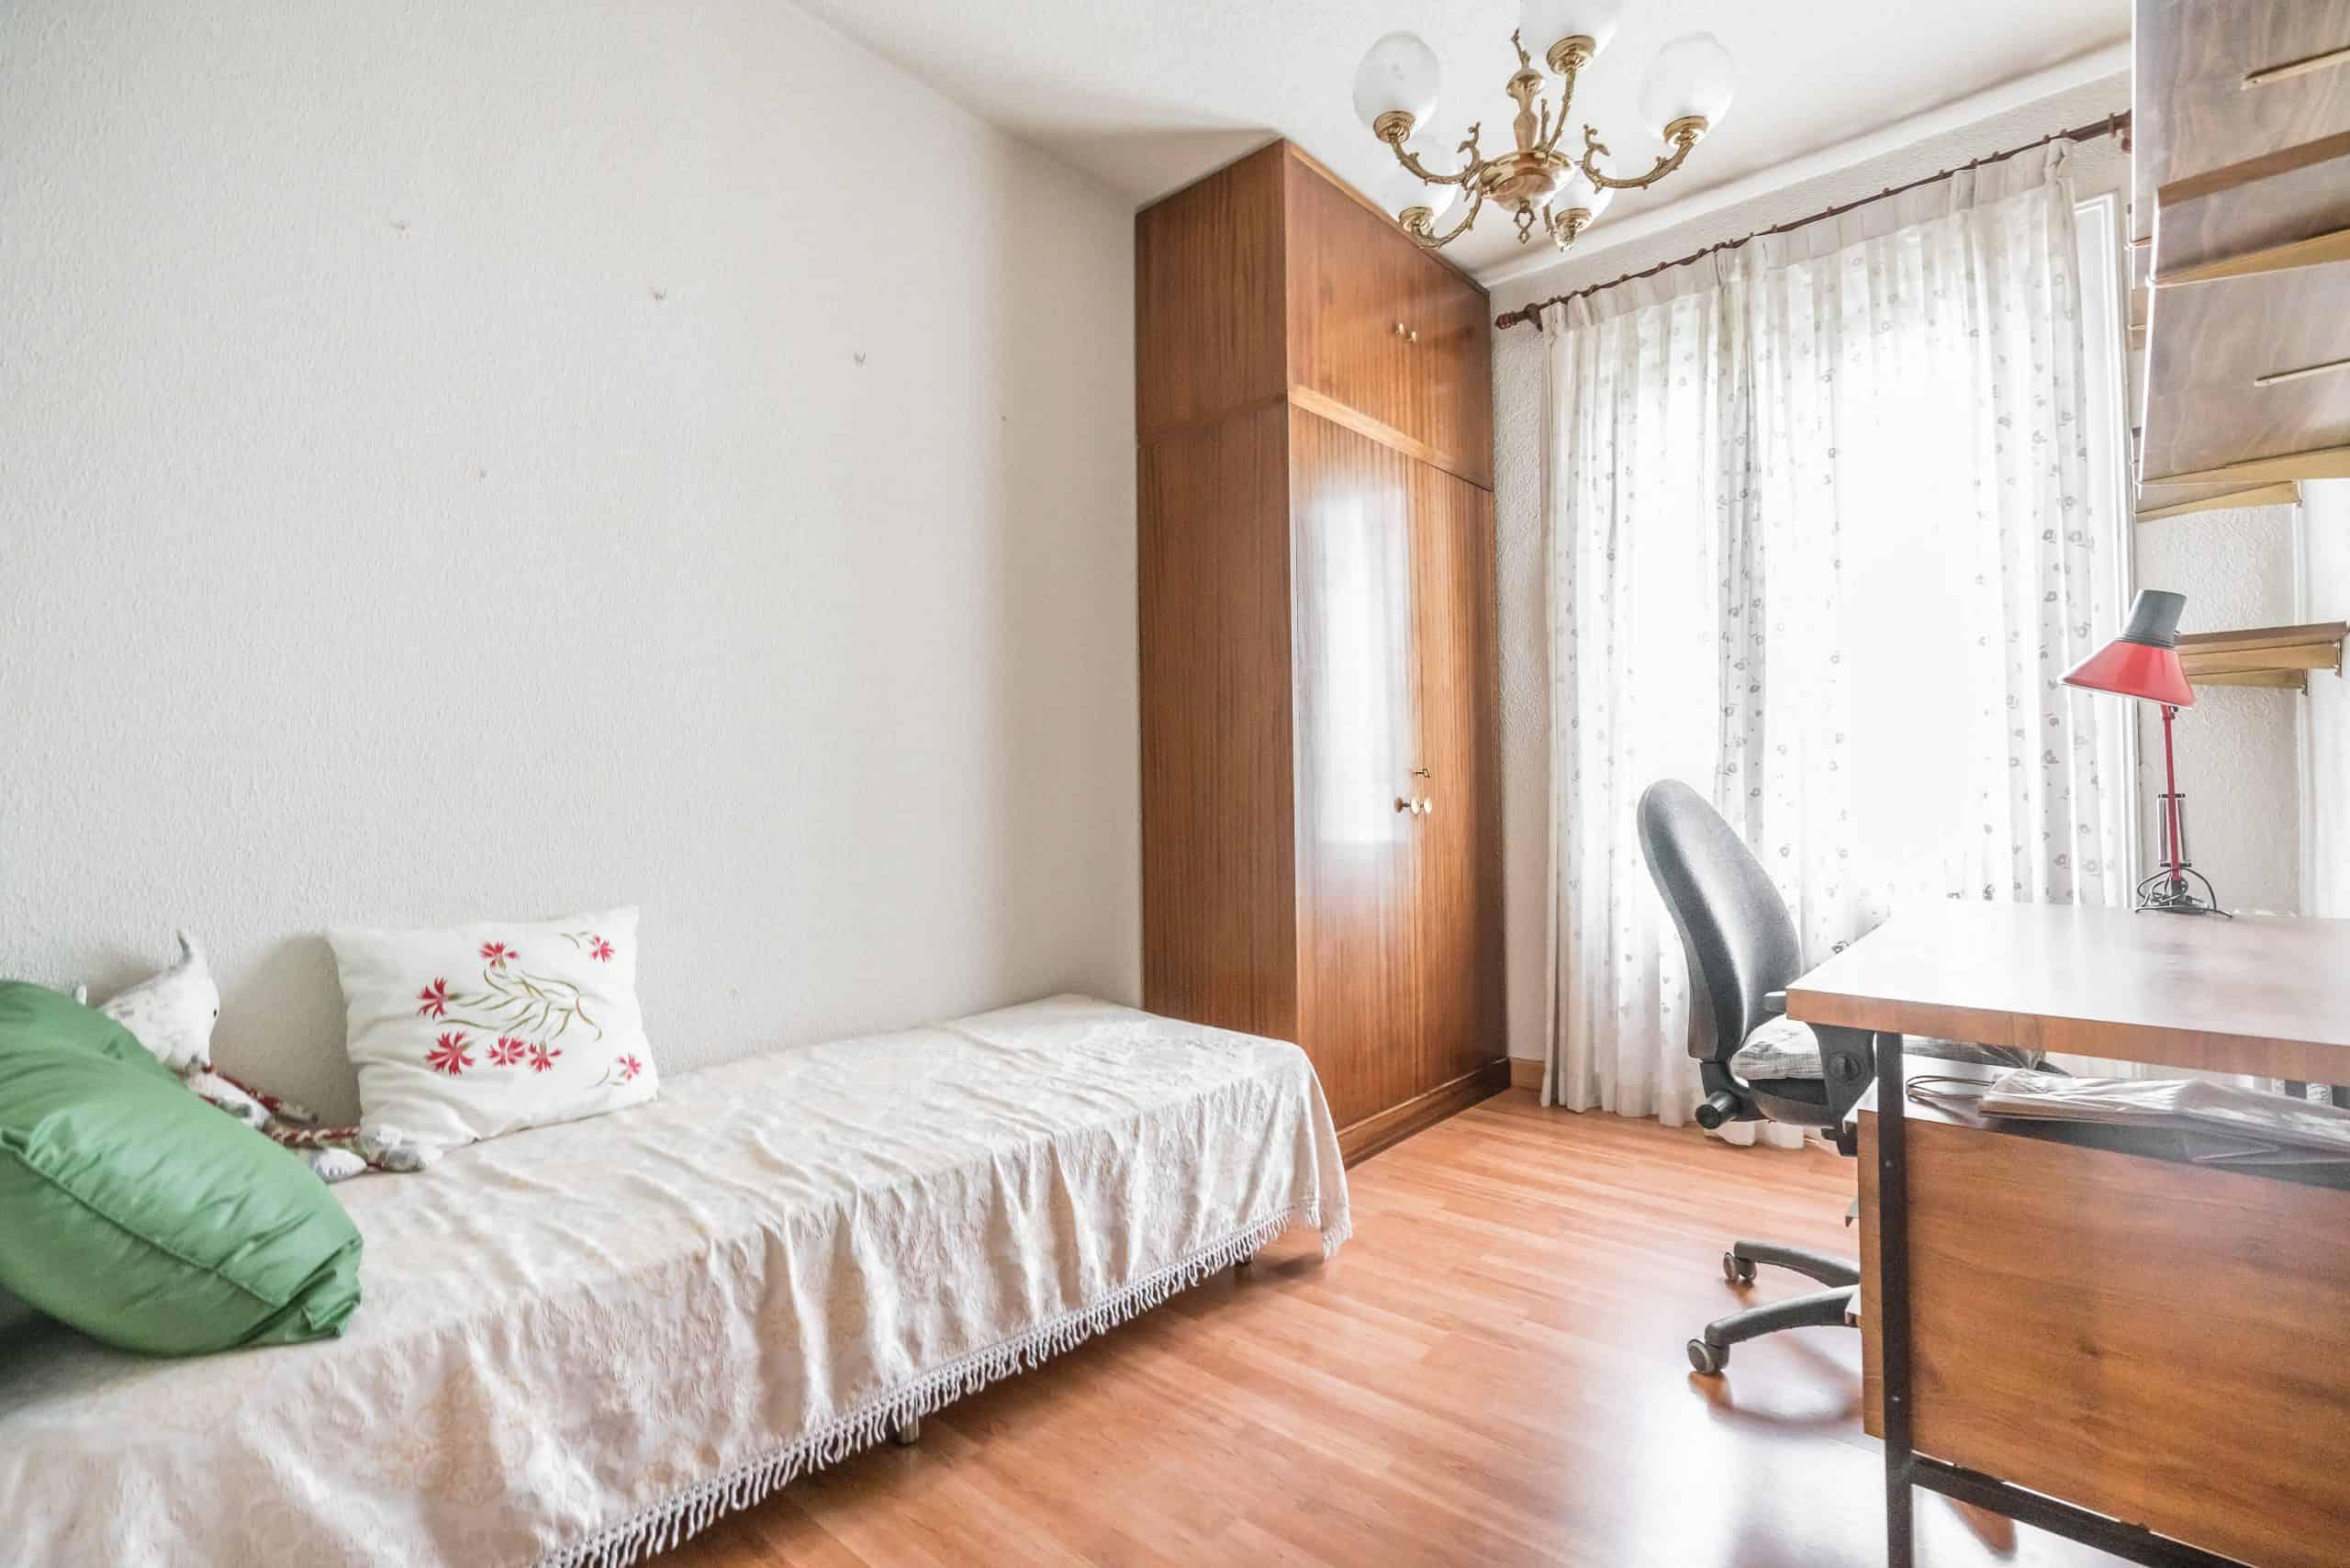 7 DORMITORIO4 (3) (Copy) Agencia Inmobiliaria de Madrid-FUTUROCASA-Zona ARGANZUELA-